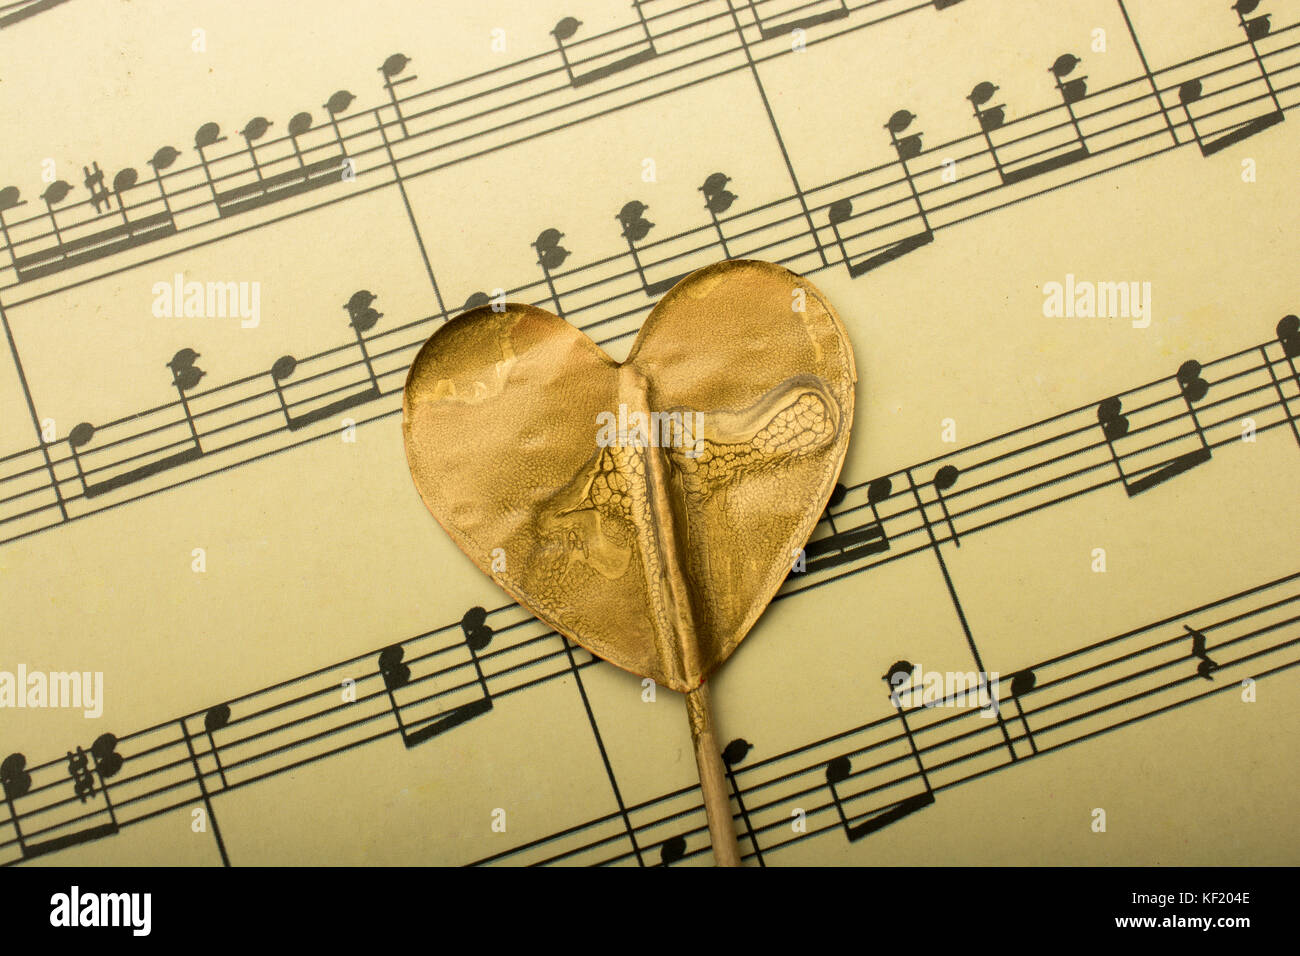 Notas Musicales Y El Icono En Forma De Corazón Foto Imagen De